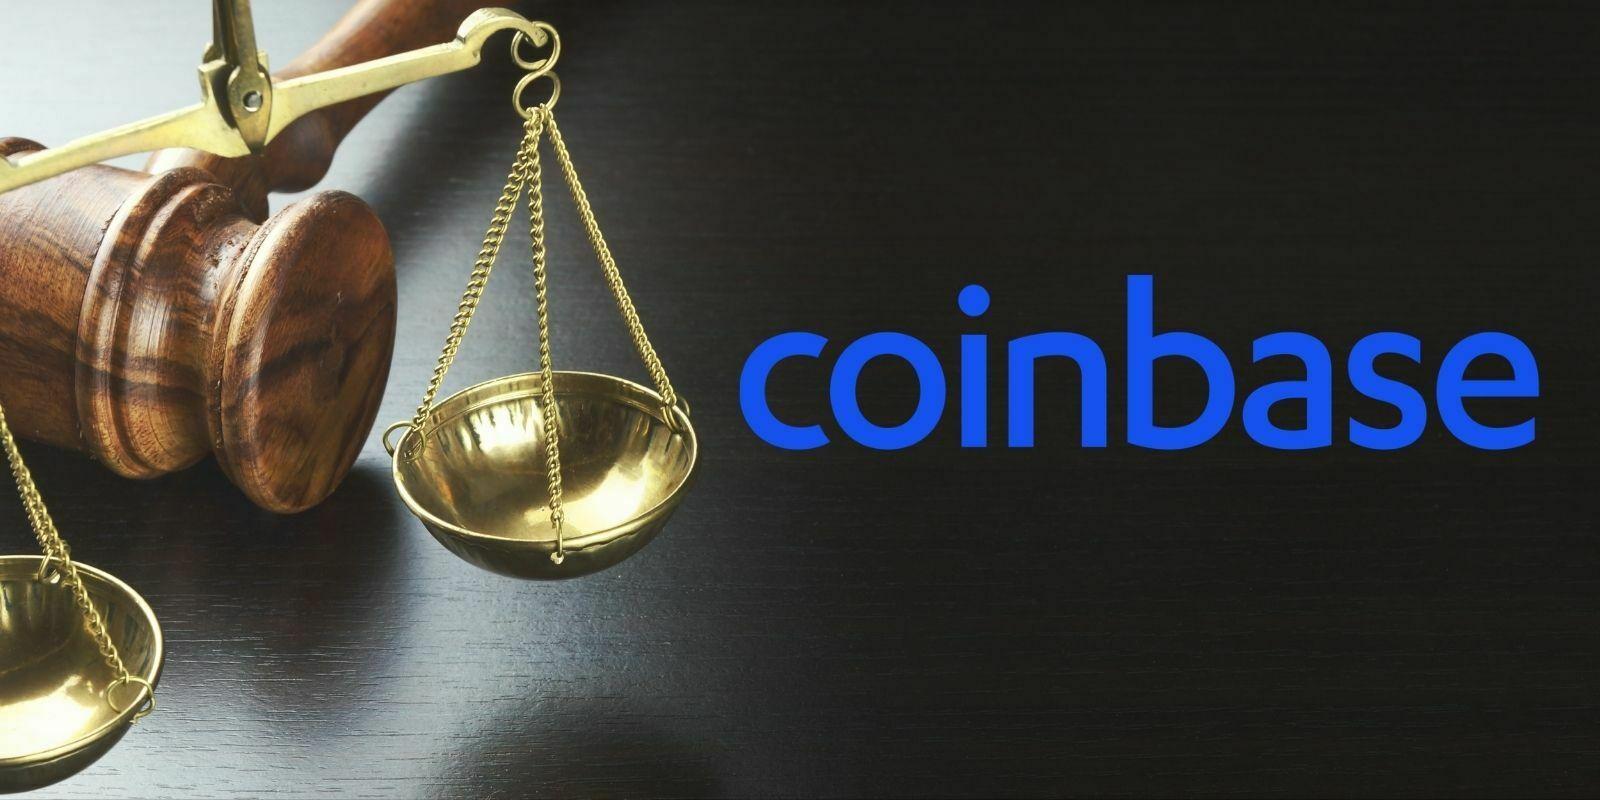 Coinbase condamné à une amende de 6,5M$ pour des accusations de manipulation de marché